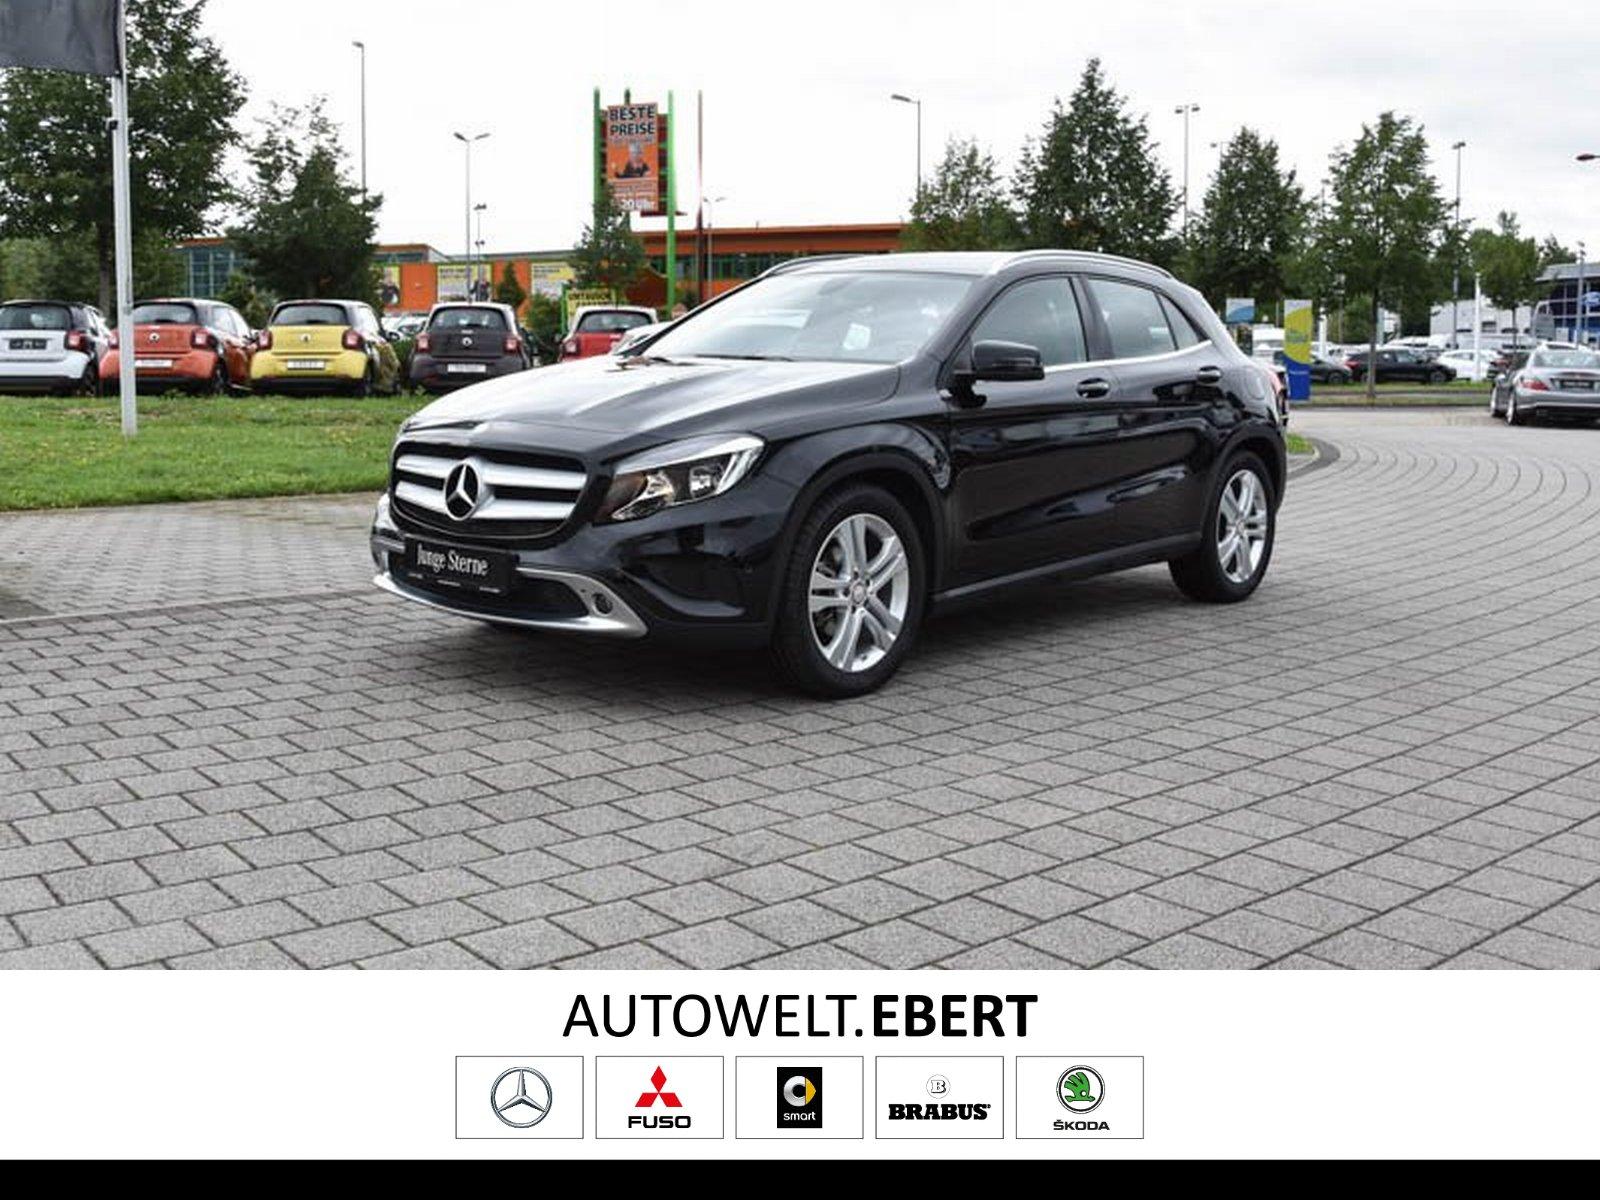 Mercedes-Benz GLA 220 d 4M Urban 7G+NAVI+LADERAUM-PAKET+EU6, Jahr 2015, Diesel